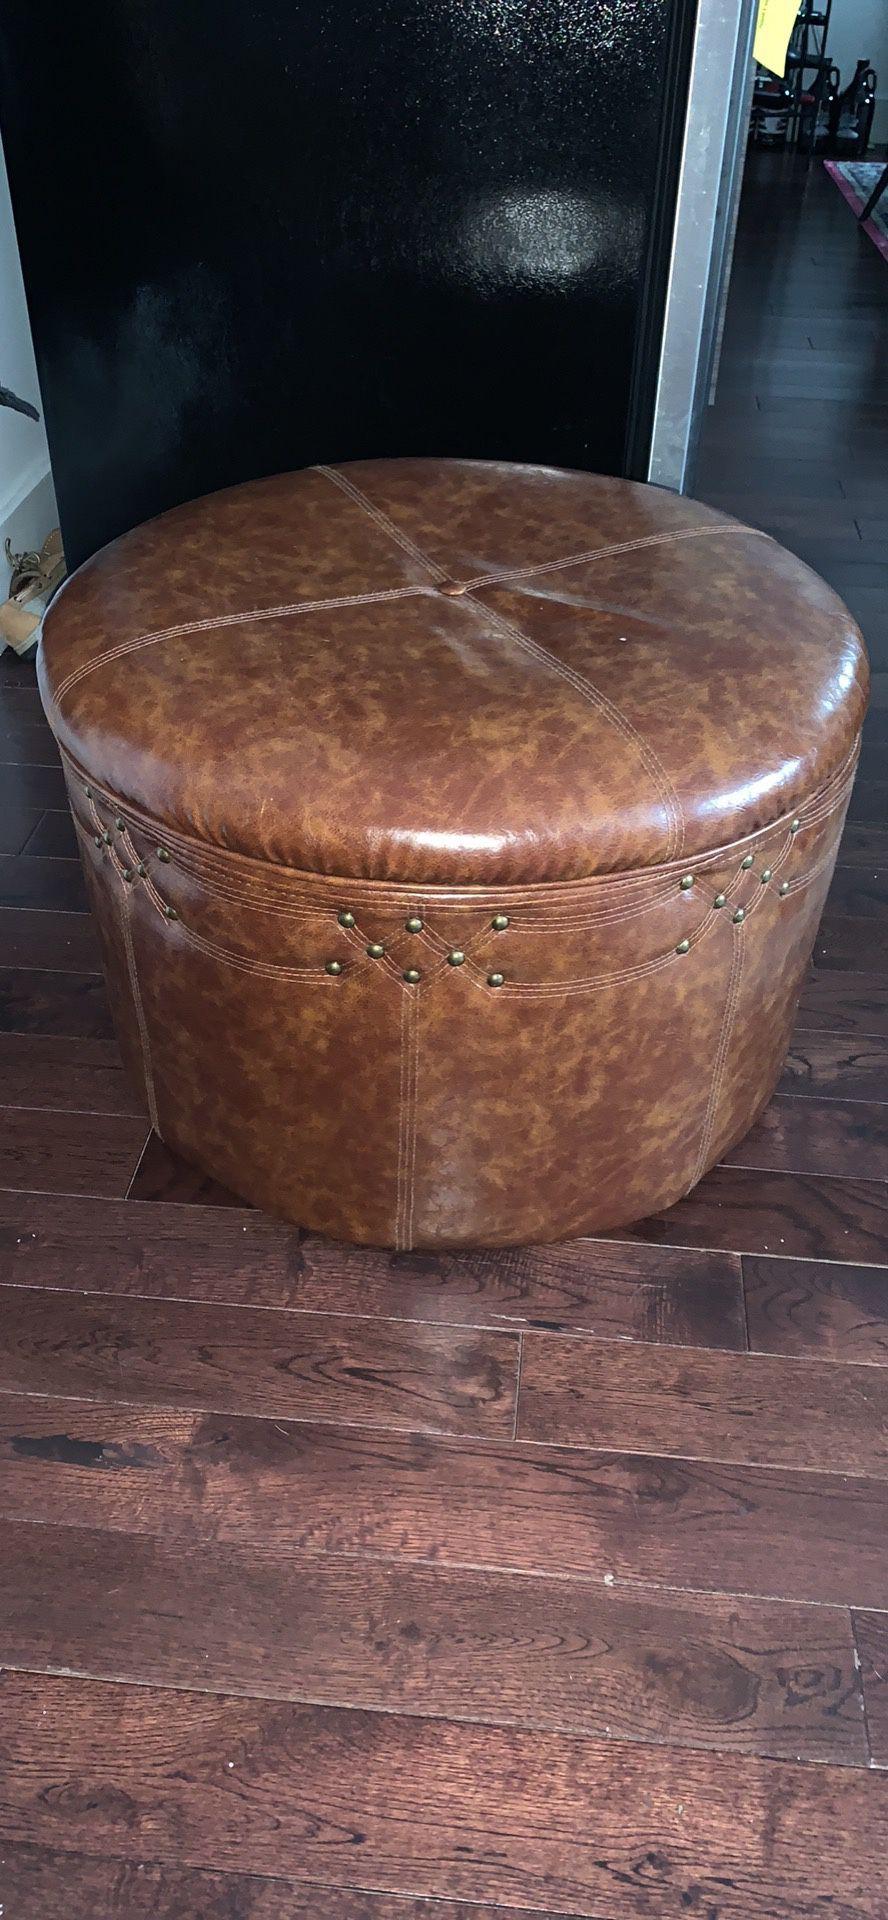 Bohemian style Ottoman